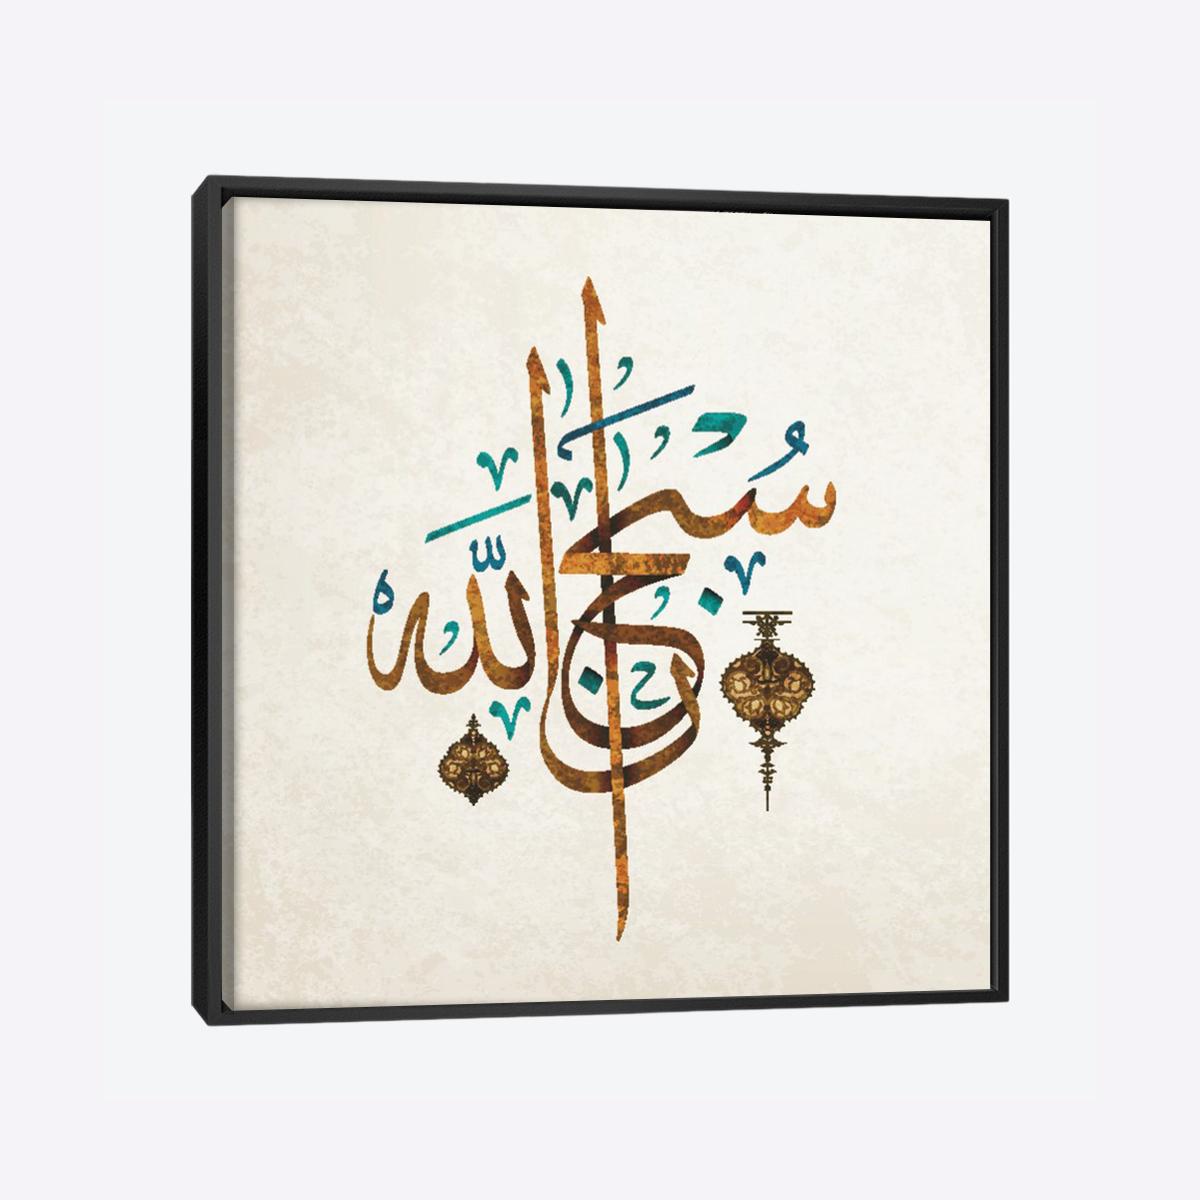 """لوحات جدارية - """" سبحان الله """" - لوحات جدارية - لوحات فنية مميزة - لوحة جدارية اسلامية بطابع عربي يعود إلى الحقبة الفنية الإسلامية بالألوان الجذابة التي تعطي طاقة وجمال يتناسب مع جميع أثاثكم"""